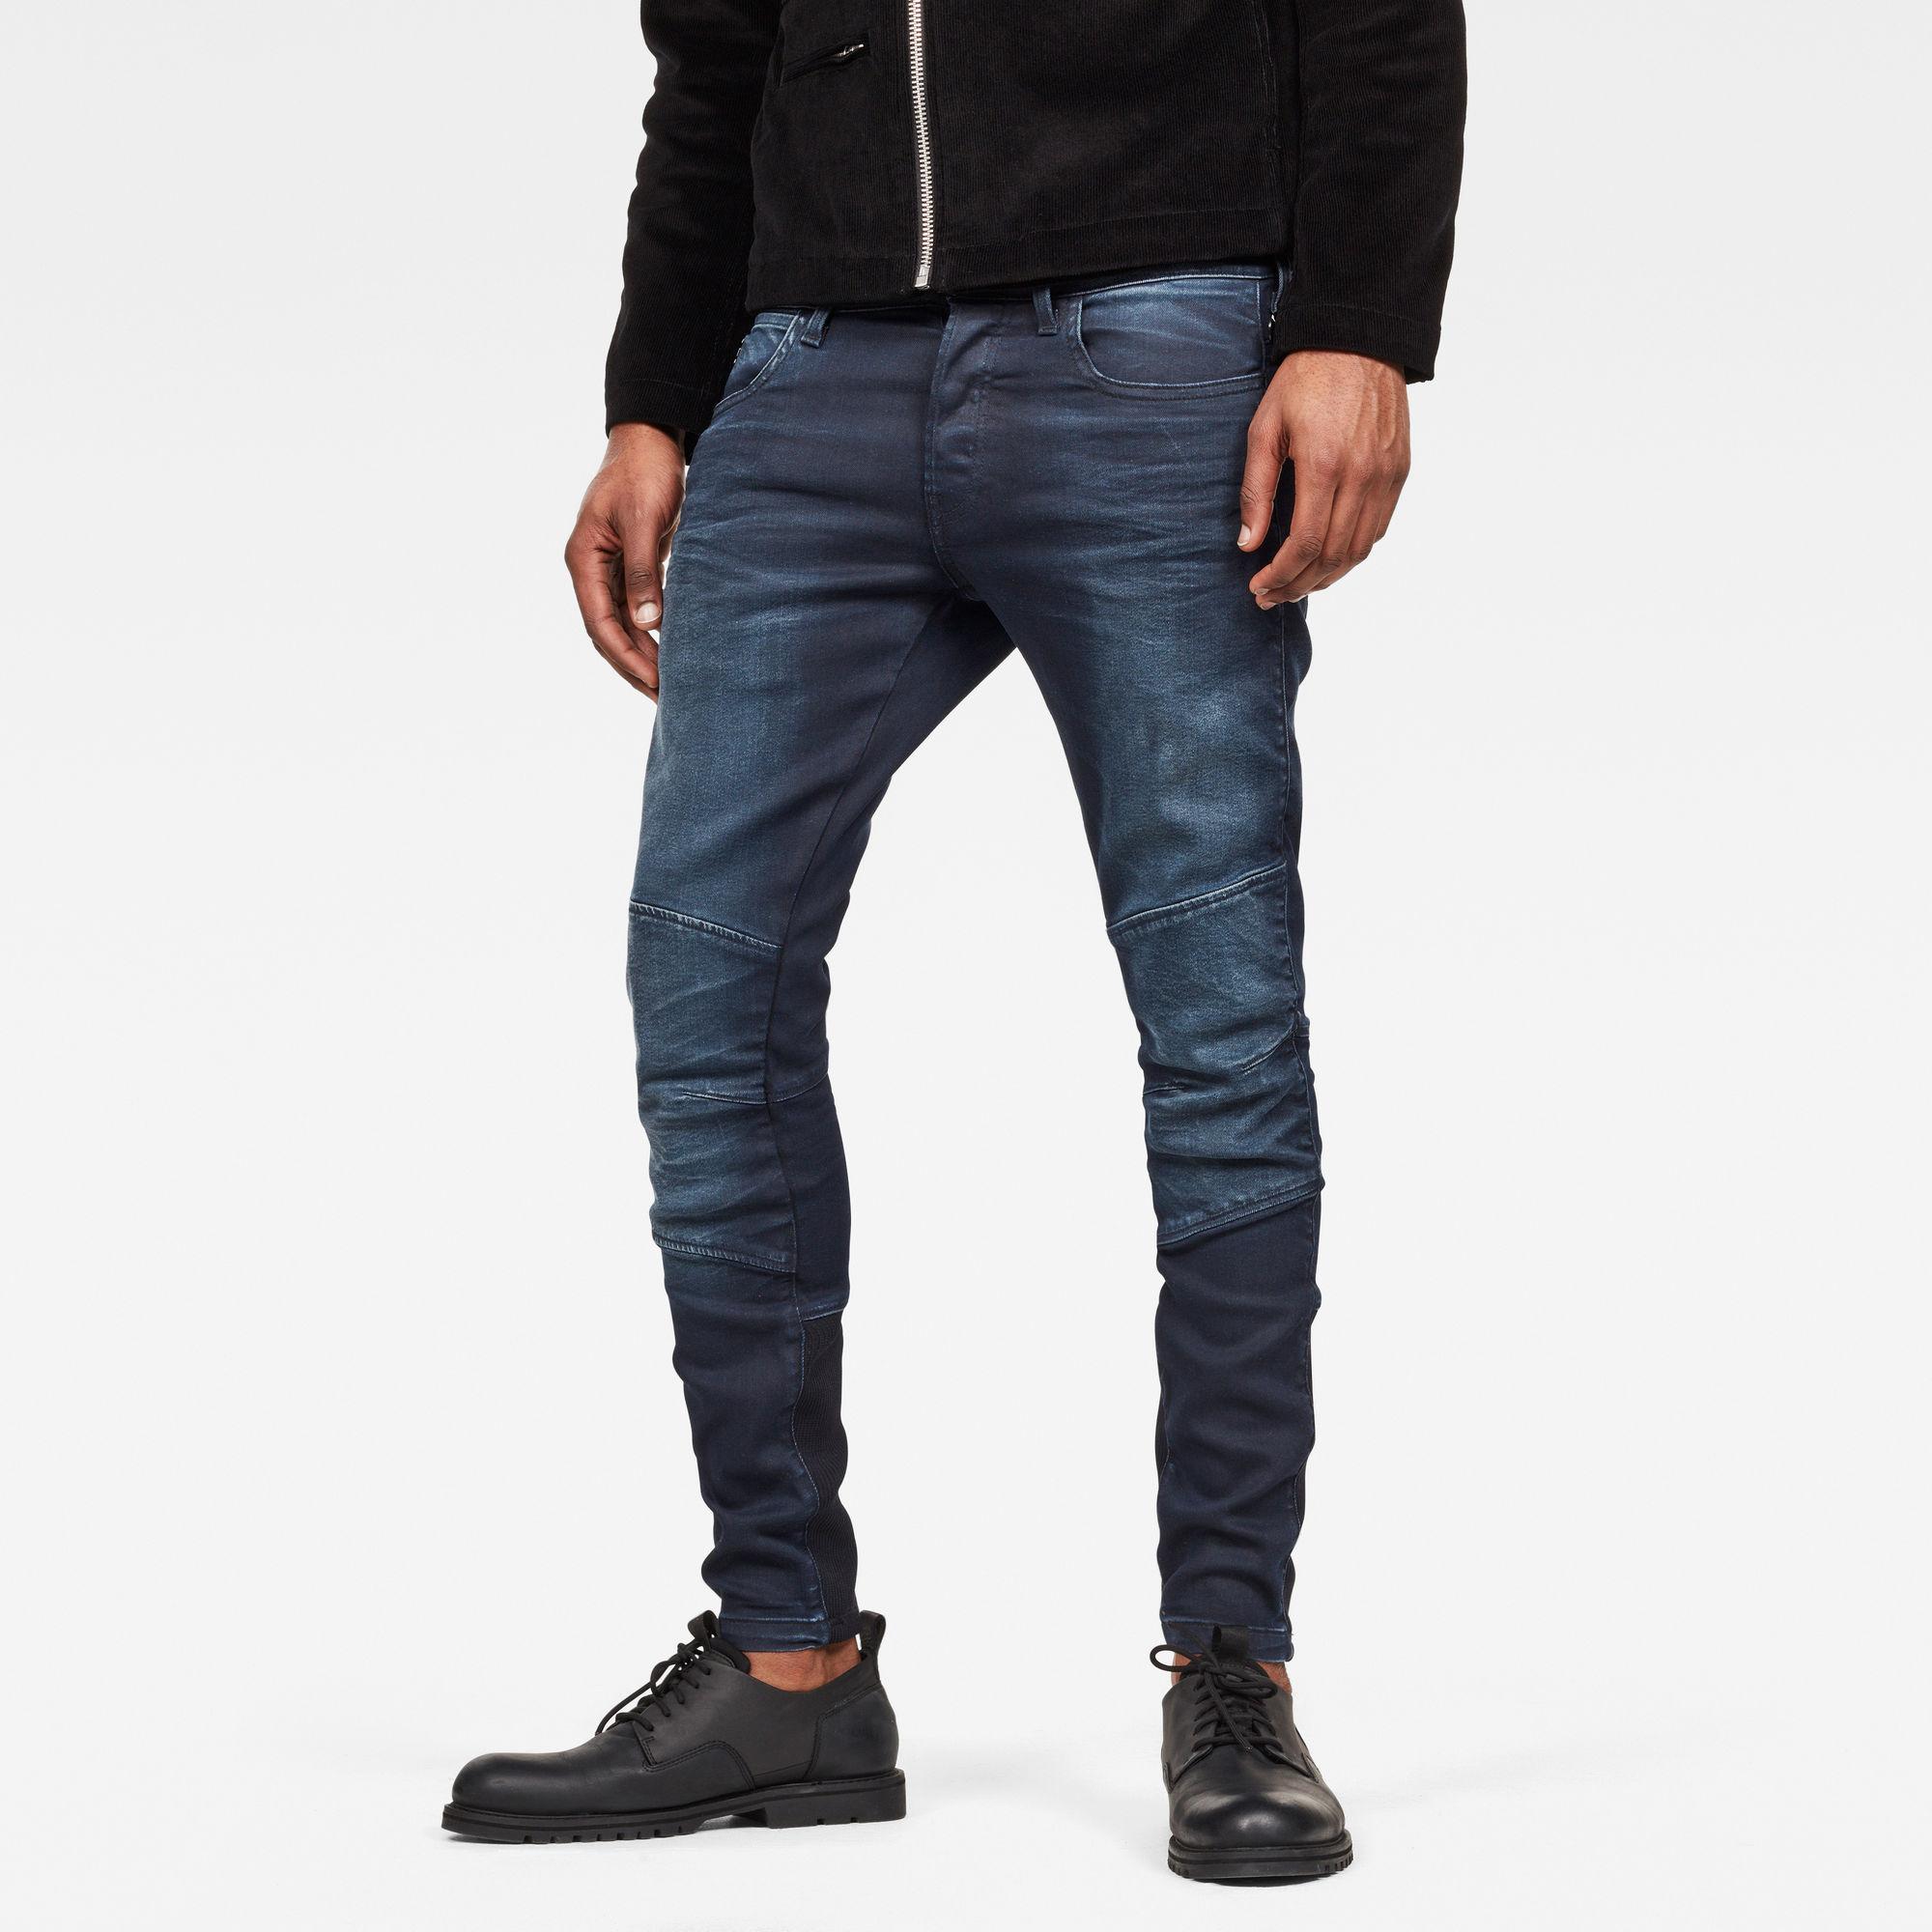 Van G Star Raw Motac 3D Skinny Jeans Prijsvergelijk nu!